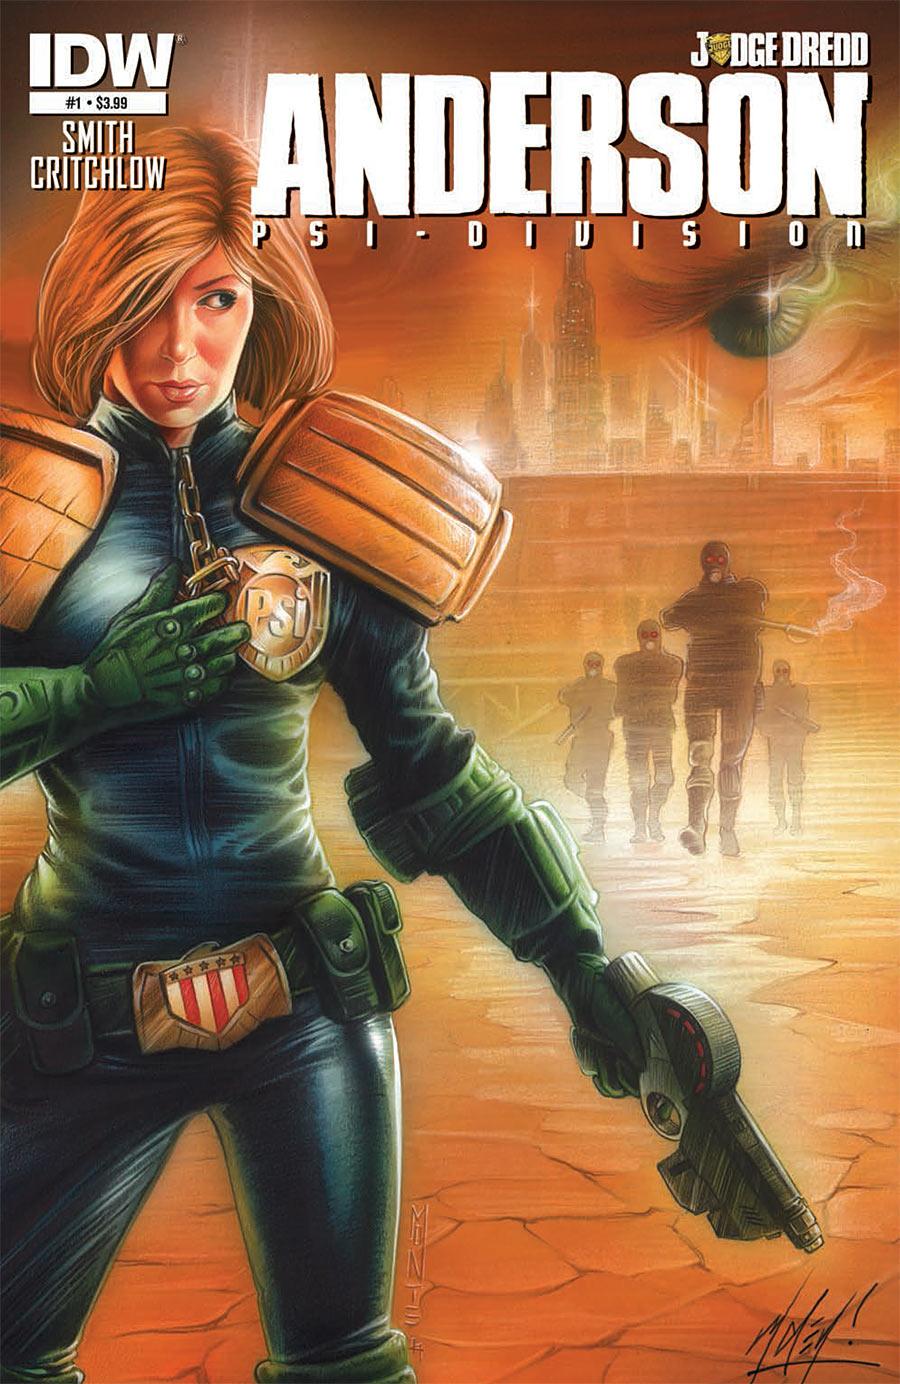 Judge Dredd: Anderson, Psi Division #1